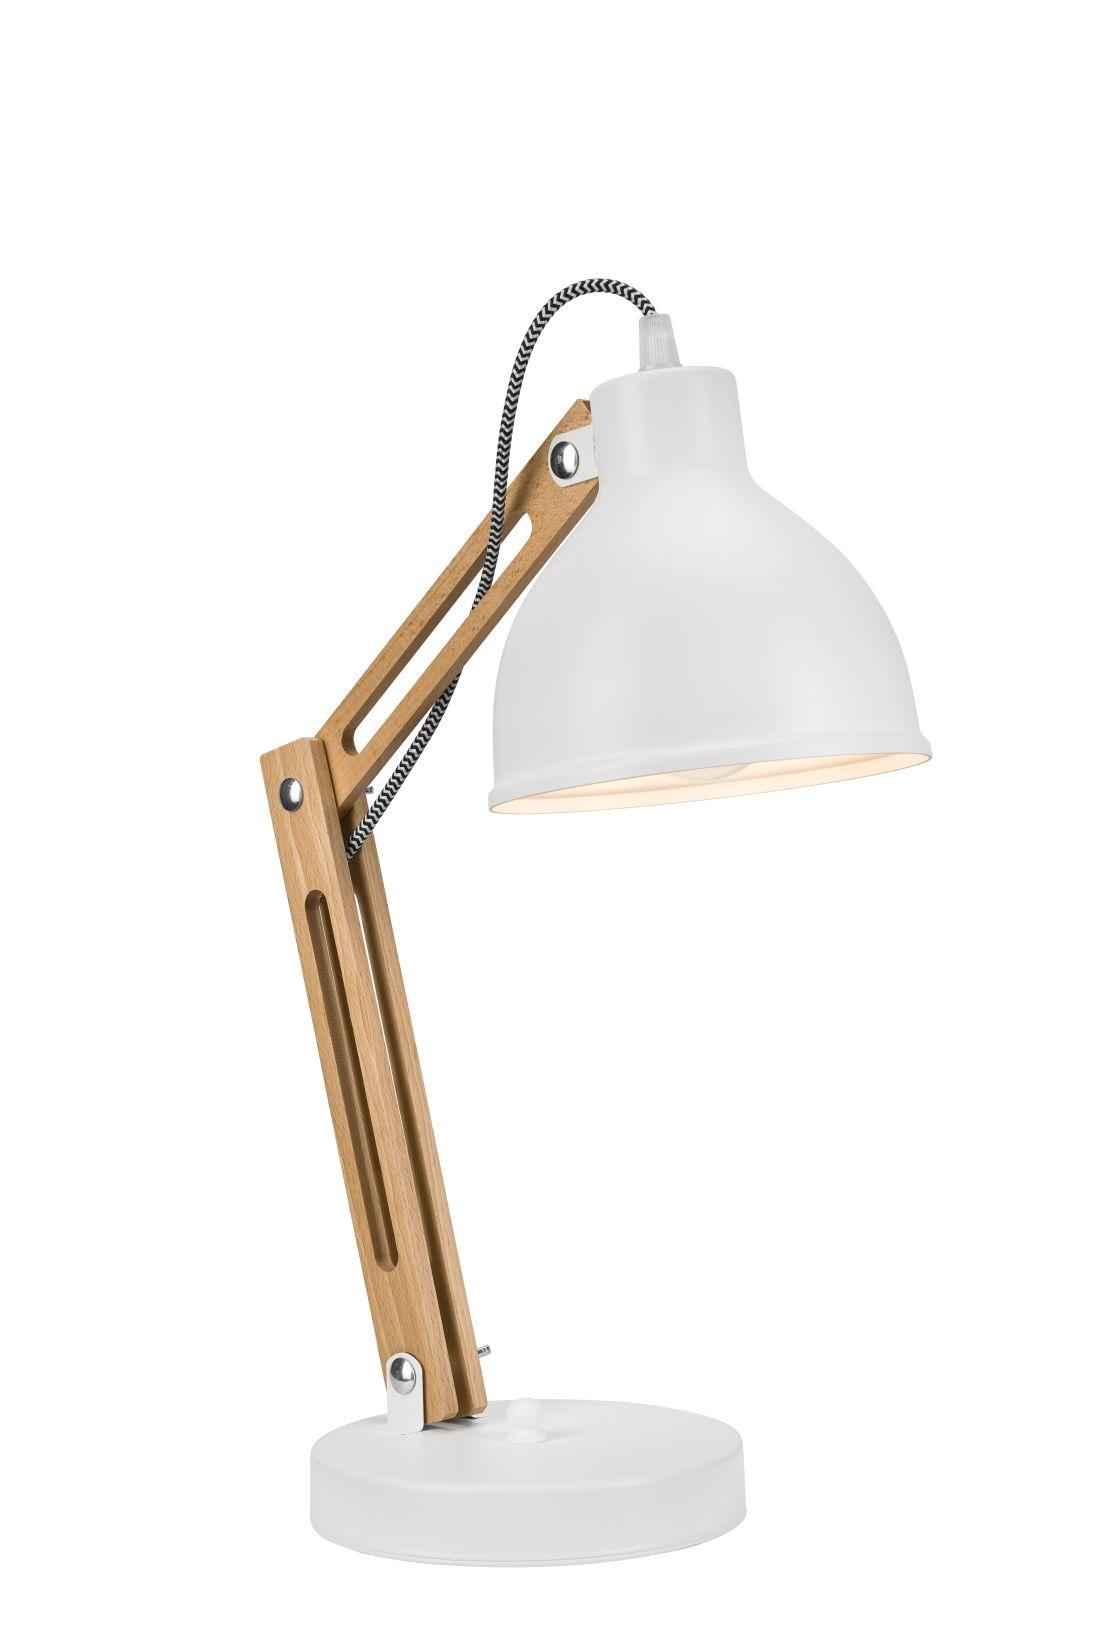 Schreibtischlampe moderne Arbeitsleuchte Holz 44cm